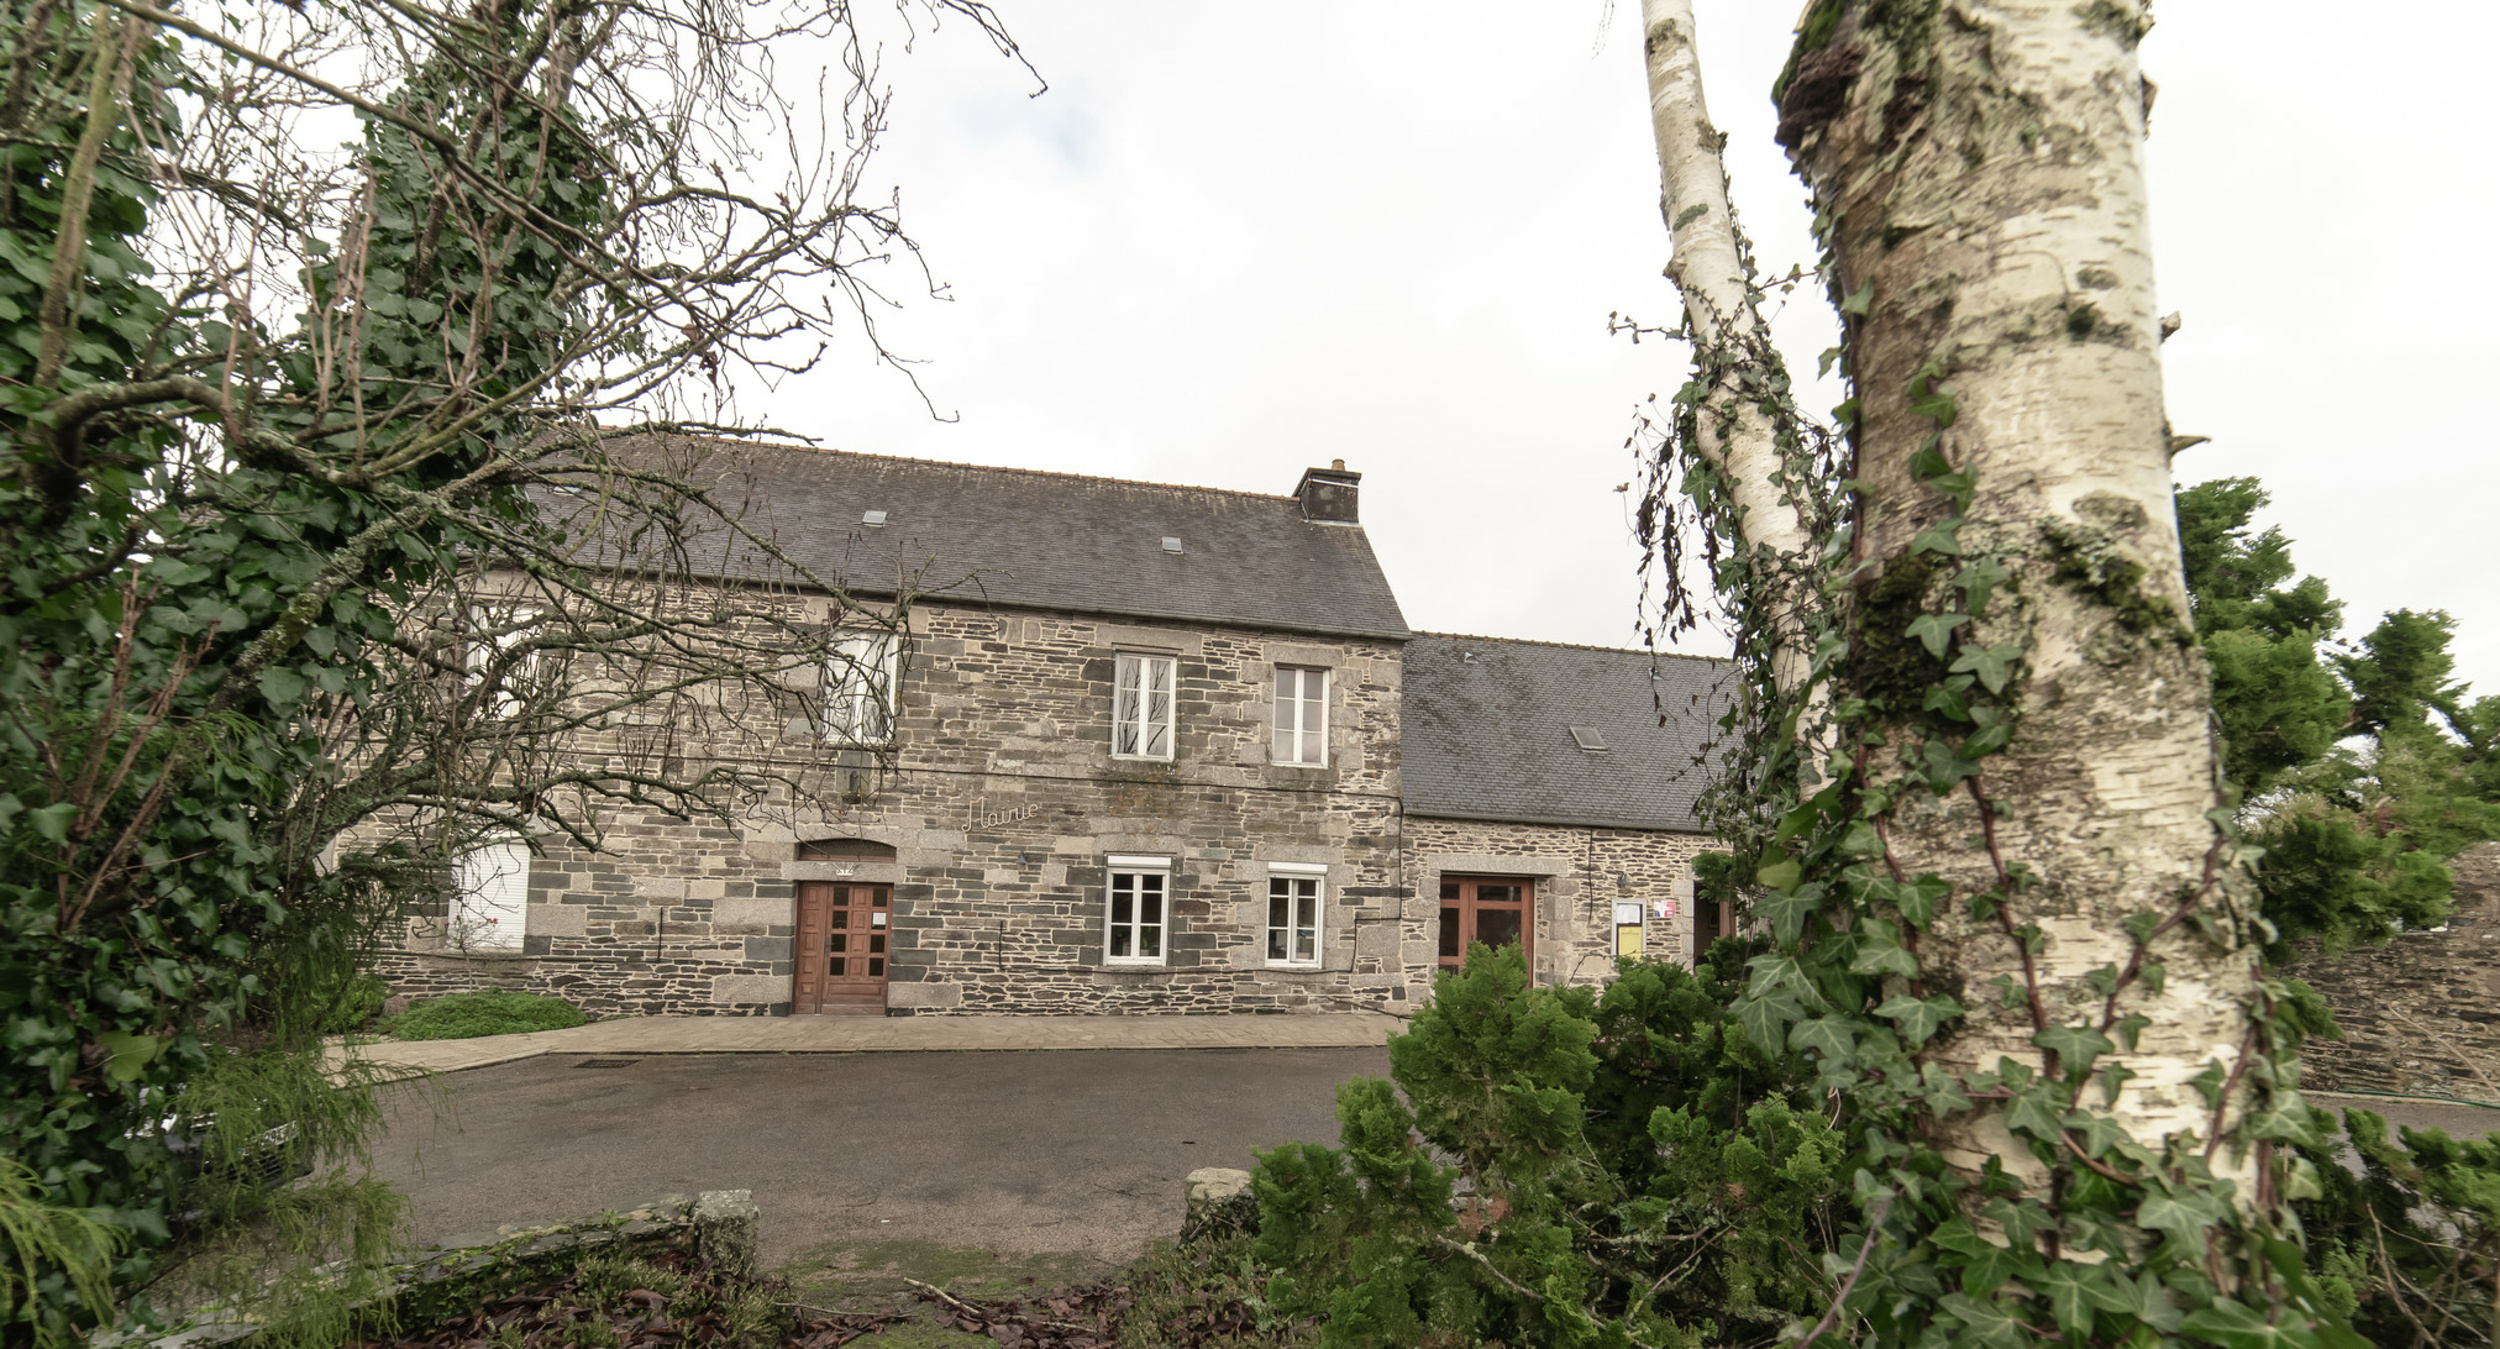 Samedi 13 Juin : Kermesse école publique Fargantine -Le Haut - Corlay